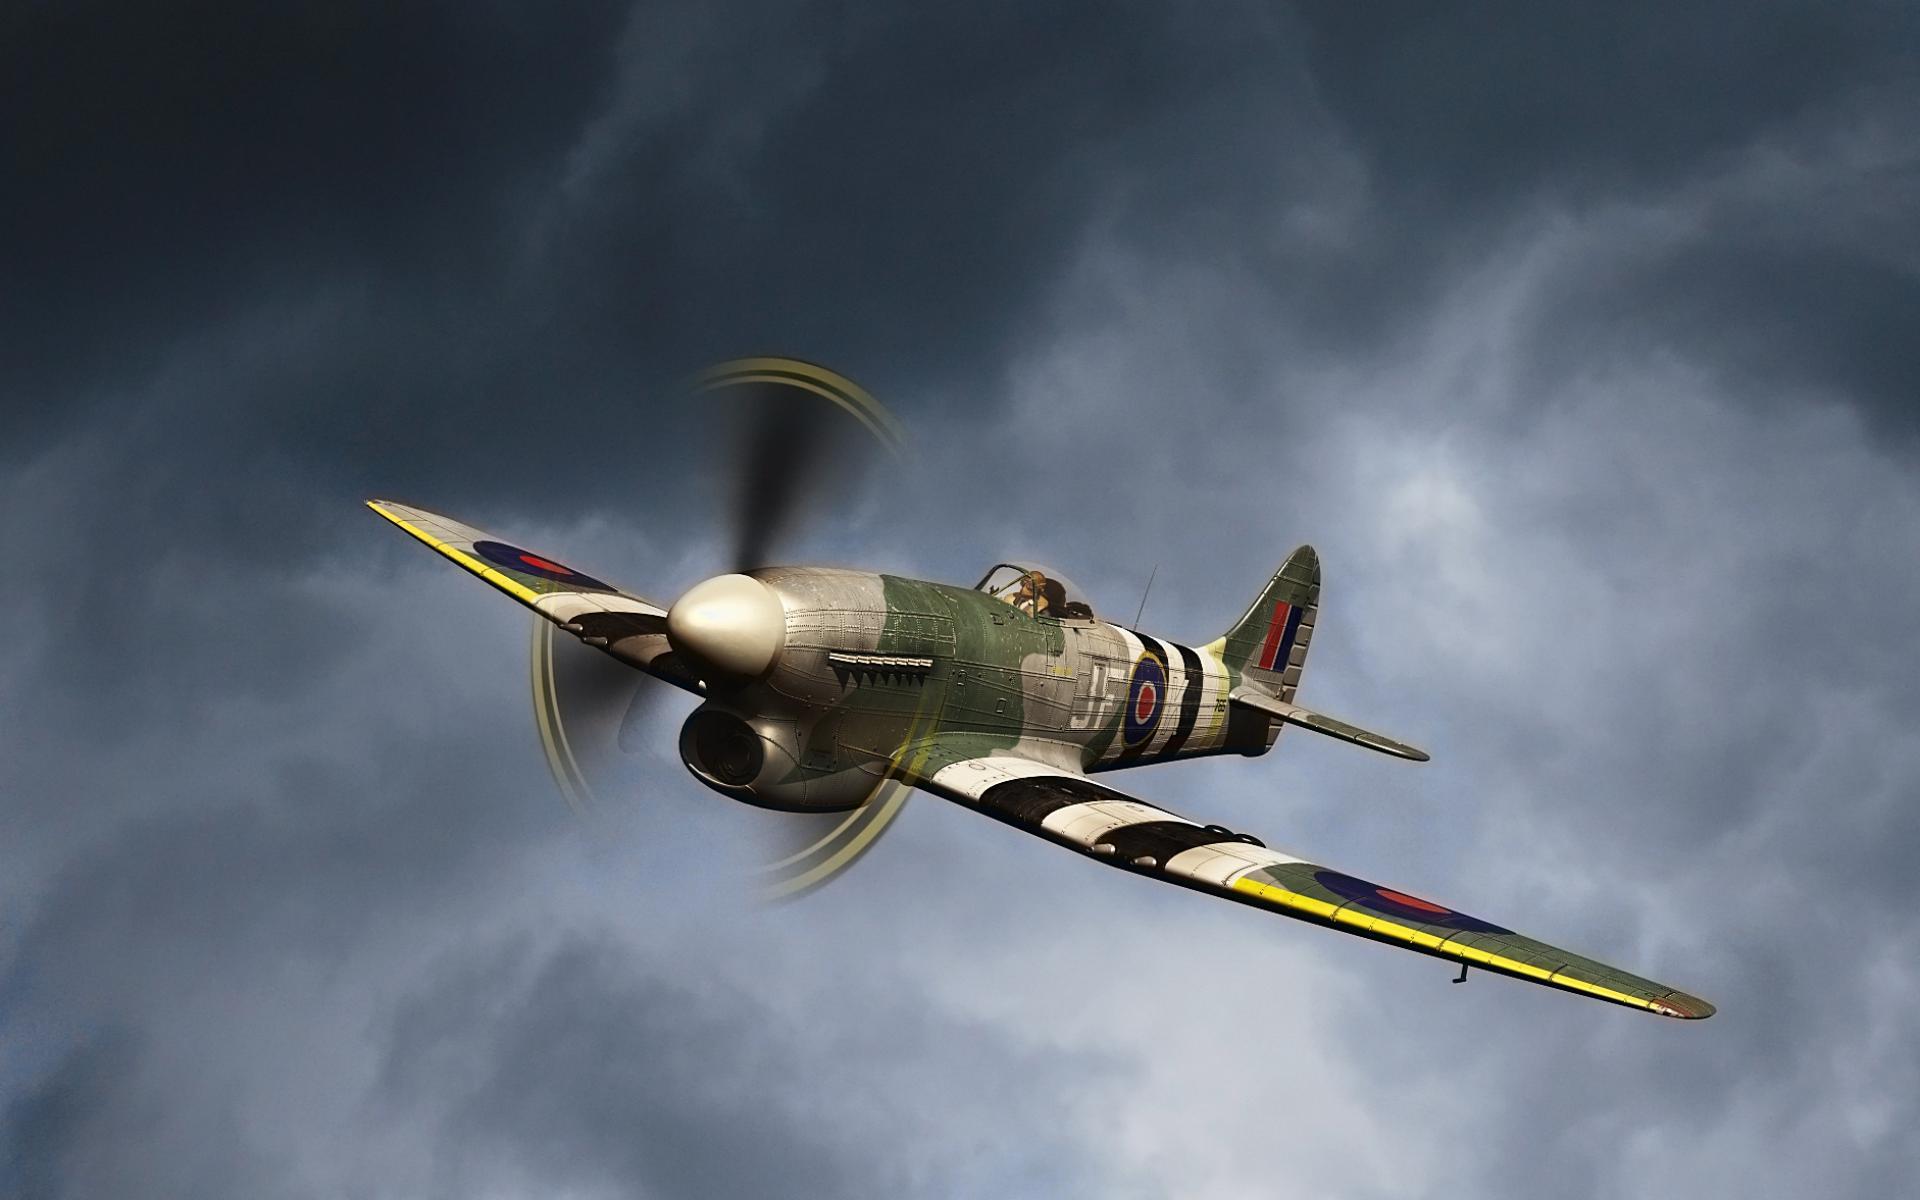 Обои самолетов второй мировой войны рабочего стола 4